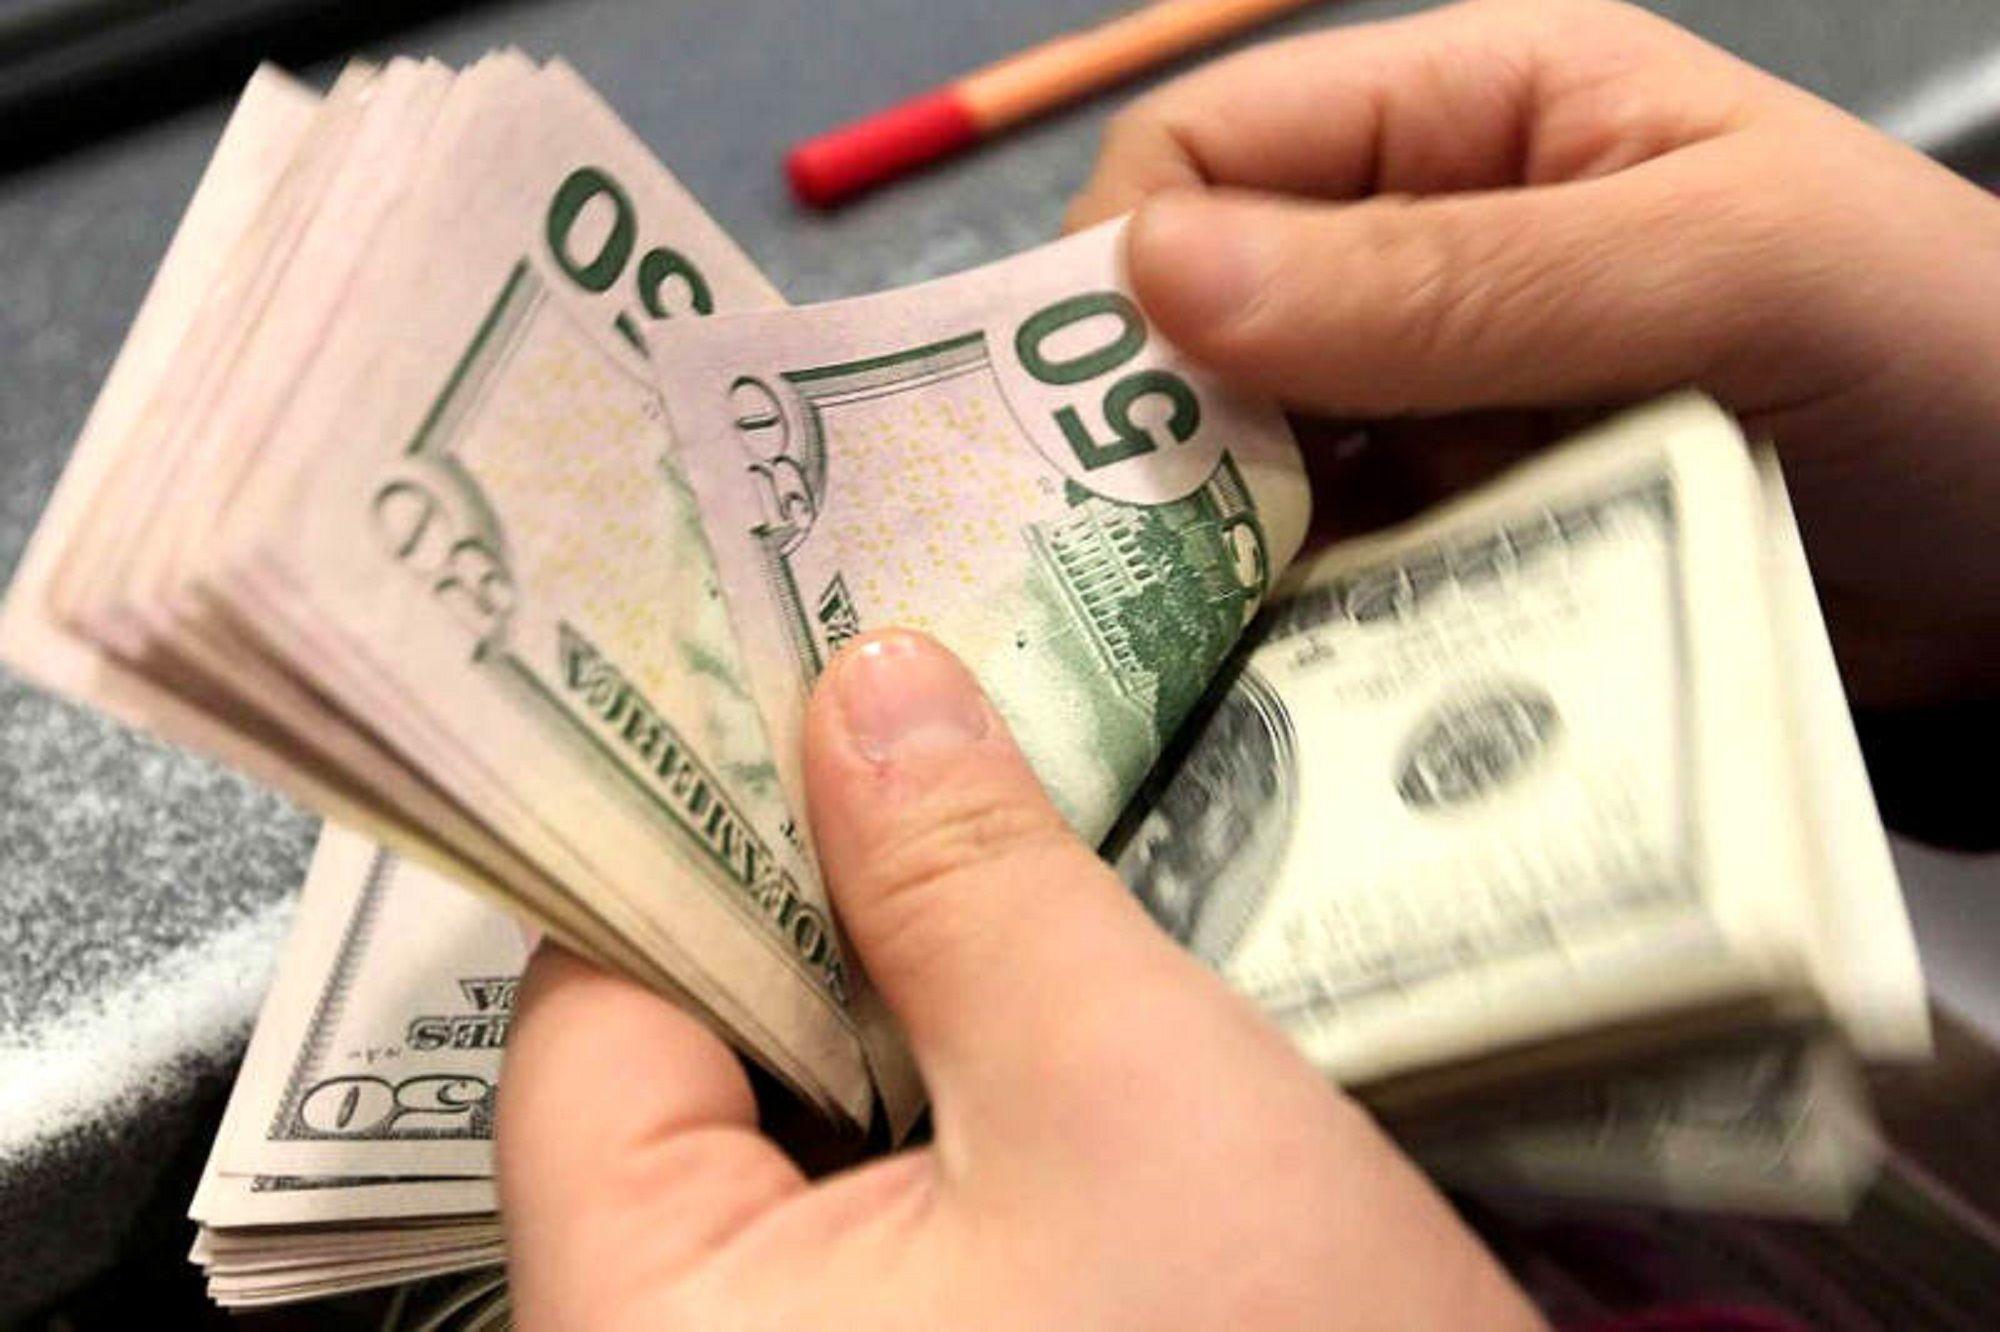 El dólar sufrió otra fuerte baja y cerró la semana a $28,02